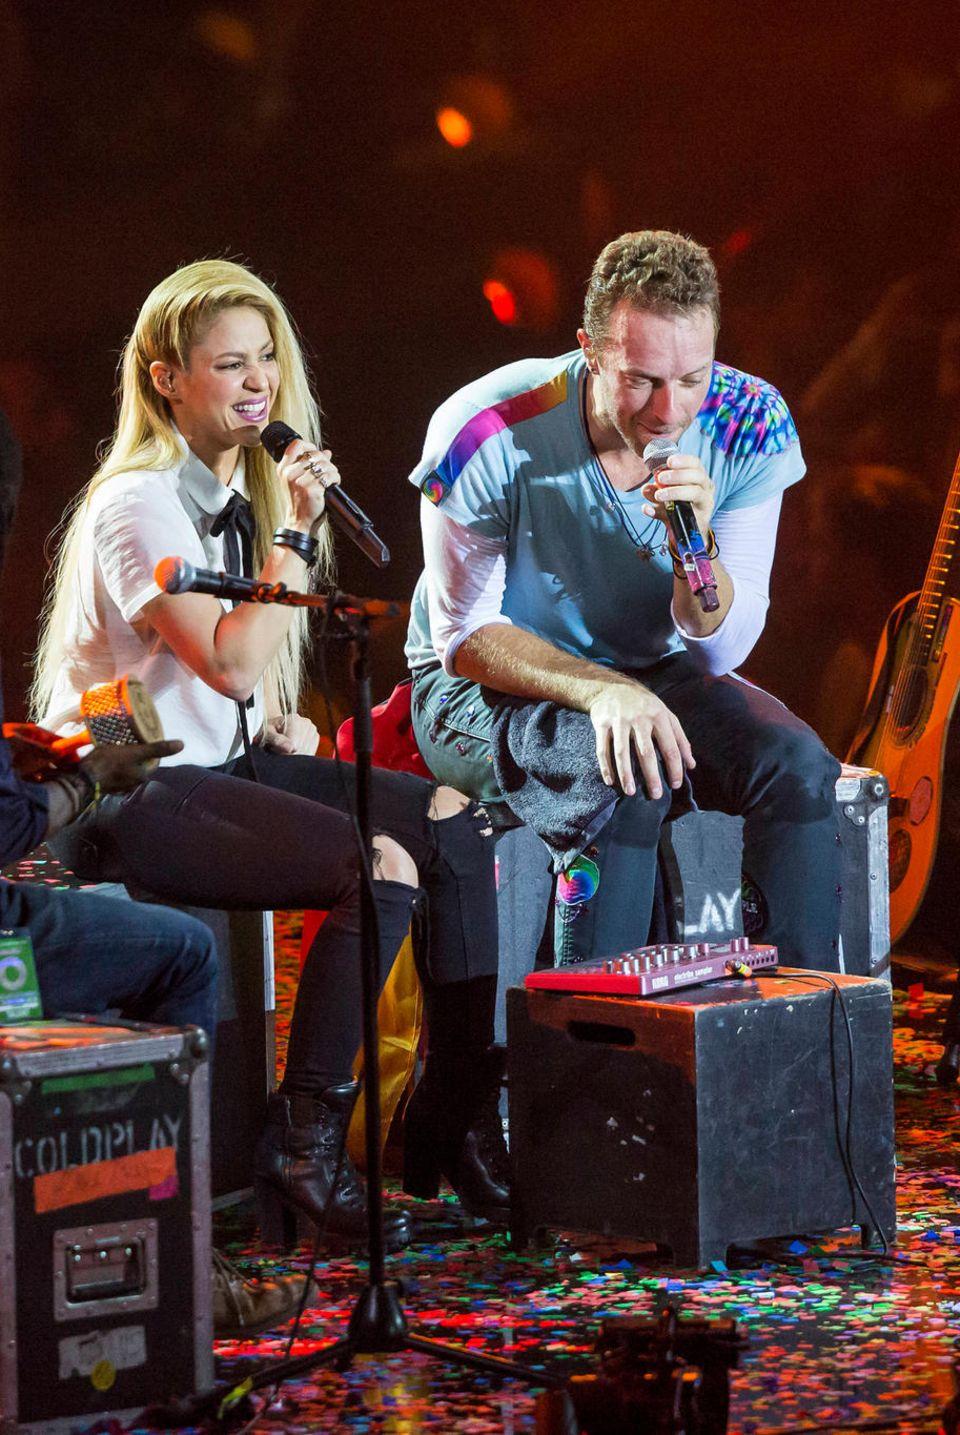 """6. Juli 2017  Internationale Stars wie Shakira und Coldplay stehen beim """"Global Citizen Festival"""" in Hamburg auf der Bühne und sagen so Armut und Ungleichheit in der Welt den Kampf an. Alle Künstler treten an diesem Abend ohne Gage in der Hamburger Barclaycard-Arena auf, um das gemeinnützige Projekt Global Citizen zu unterstützen."""